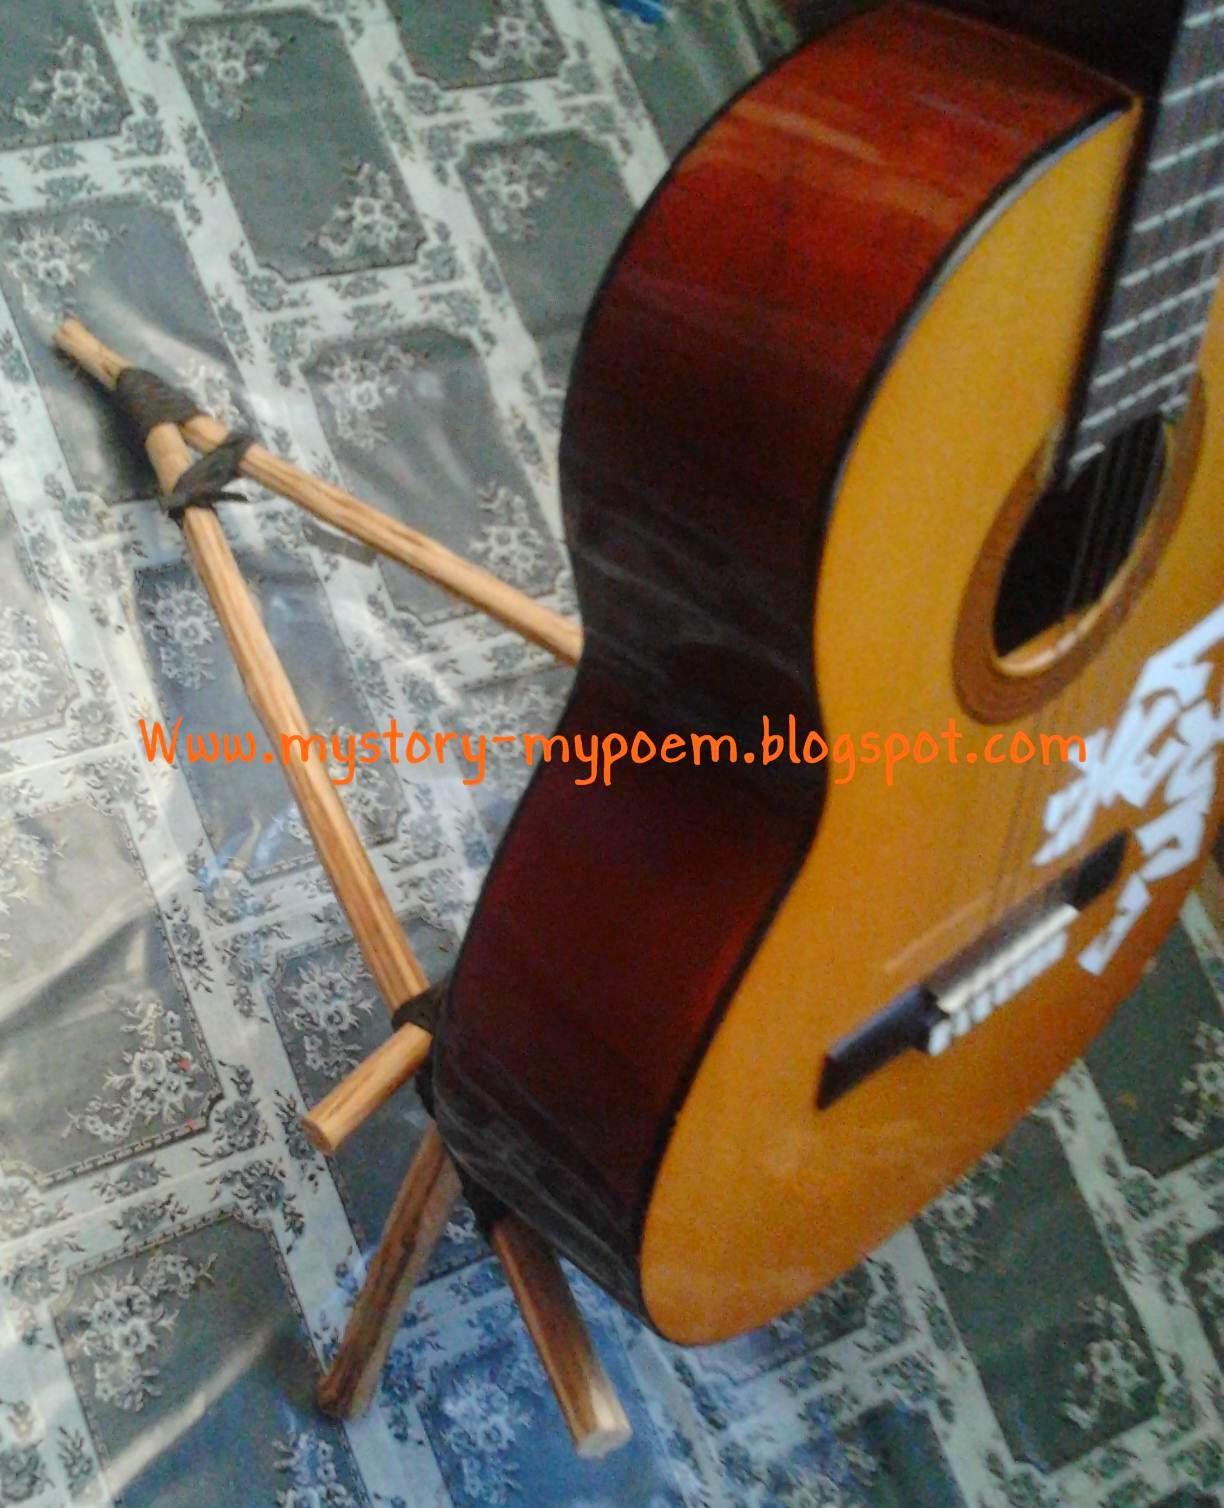 Nada Dari Senja Dan Kunang Tips And Trick Cara Bikin Gantungan Gitar Moga Bermanfaat